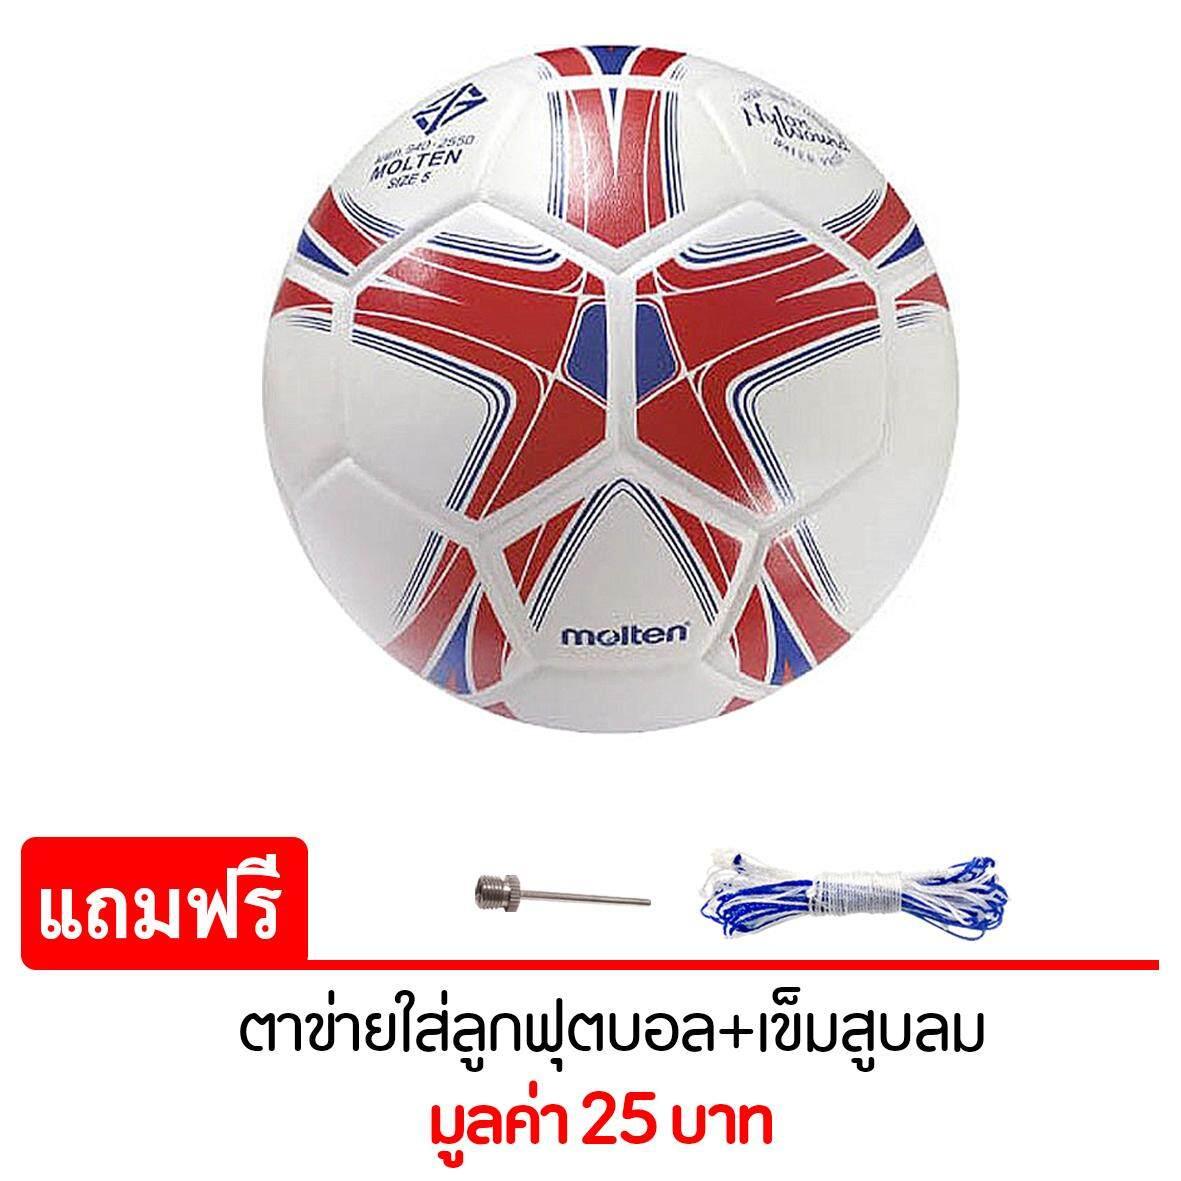 สอนใช้งาน  นครราชสีมา MOLTEN ฟุตบอลFootball MOT PVC F5Y1505 WR เบอร์5 แถมฟรี ตาข่ายใส่ลูกฟุตบอล + เข็มสูบลม